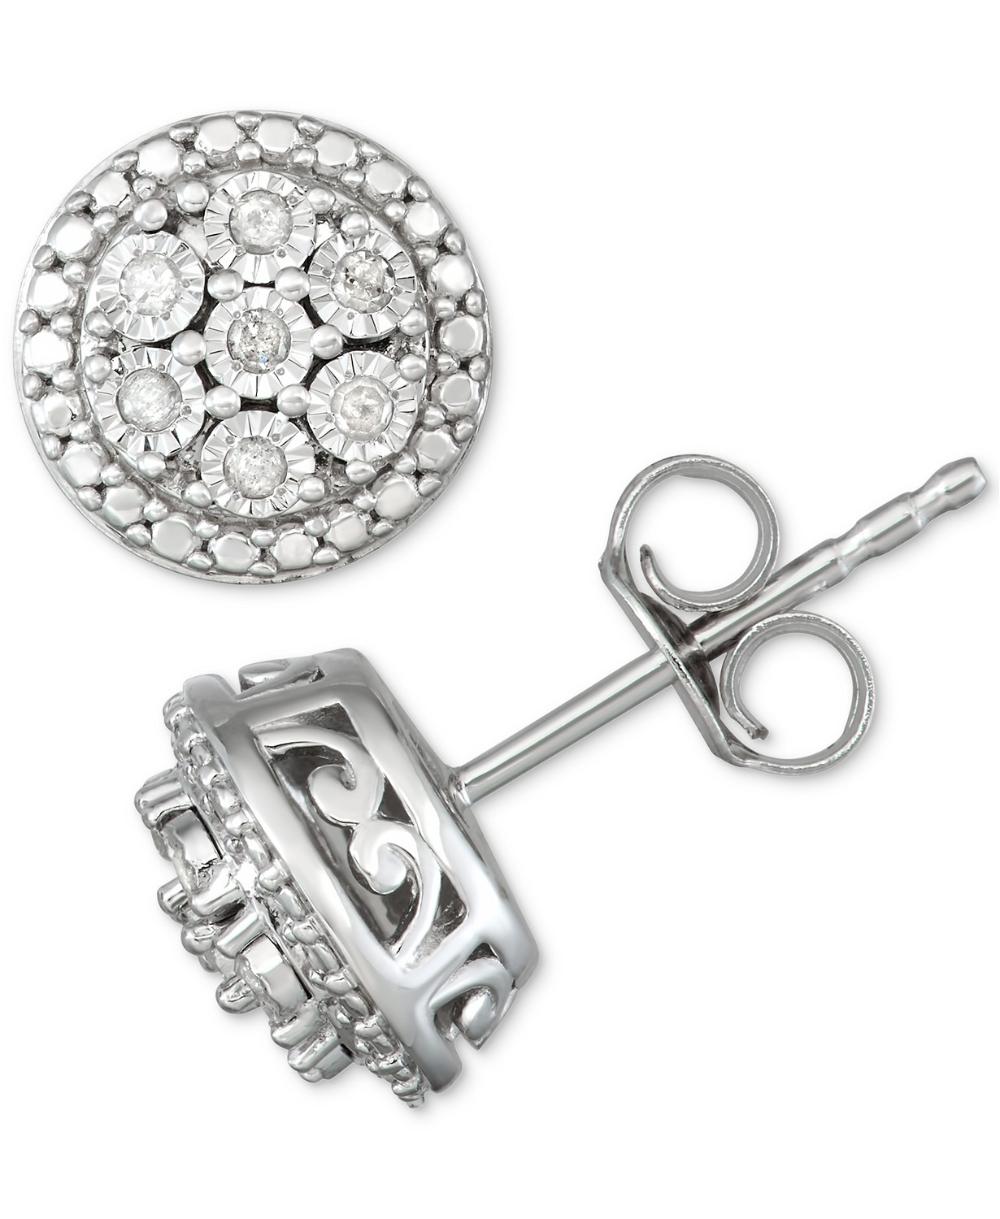 Macy S Diamond Cluster Stud Earrings 1 10 Ct T W In Sterling Silver Reviews Earrings Jewelry Watches Macy S Silver Earrings Studs Diamond Earrings Studs Sterling Silver Earrings Studs